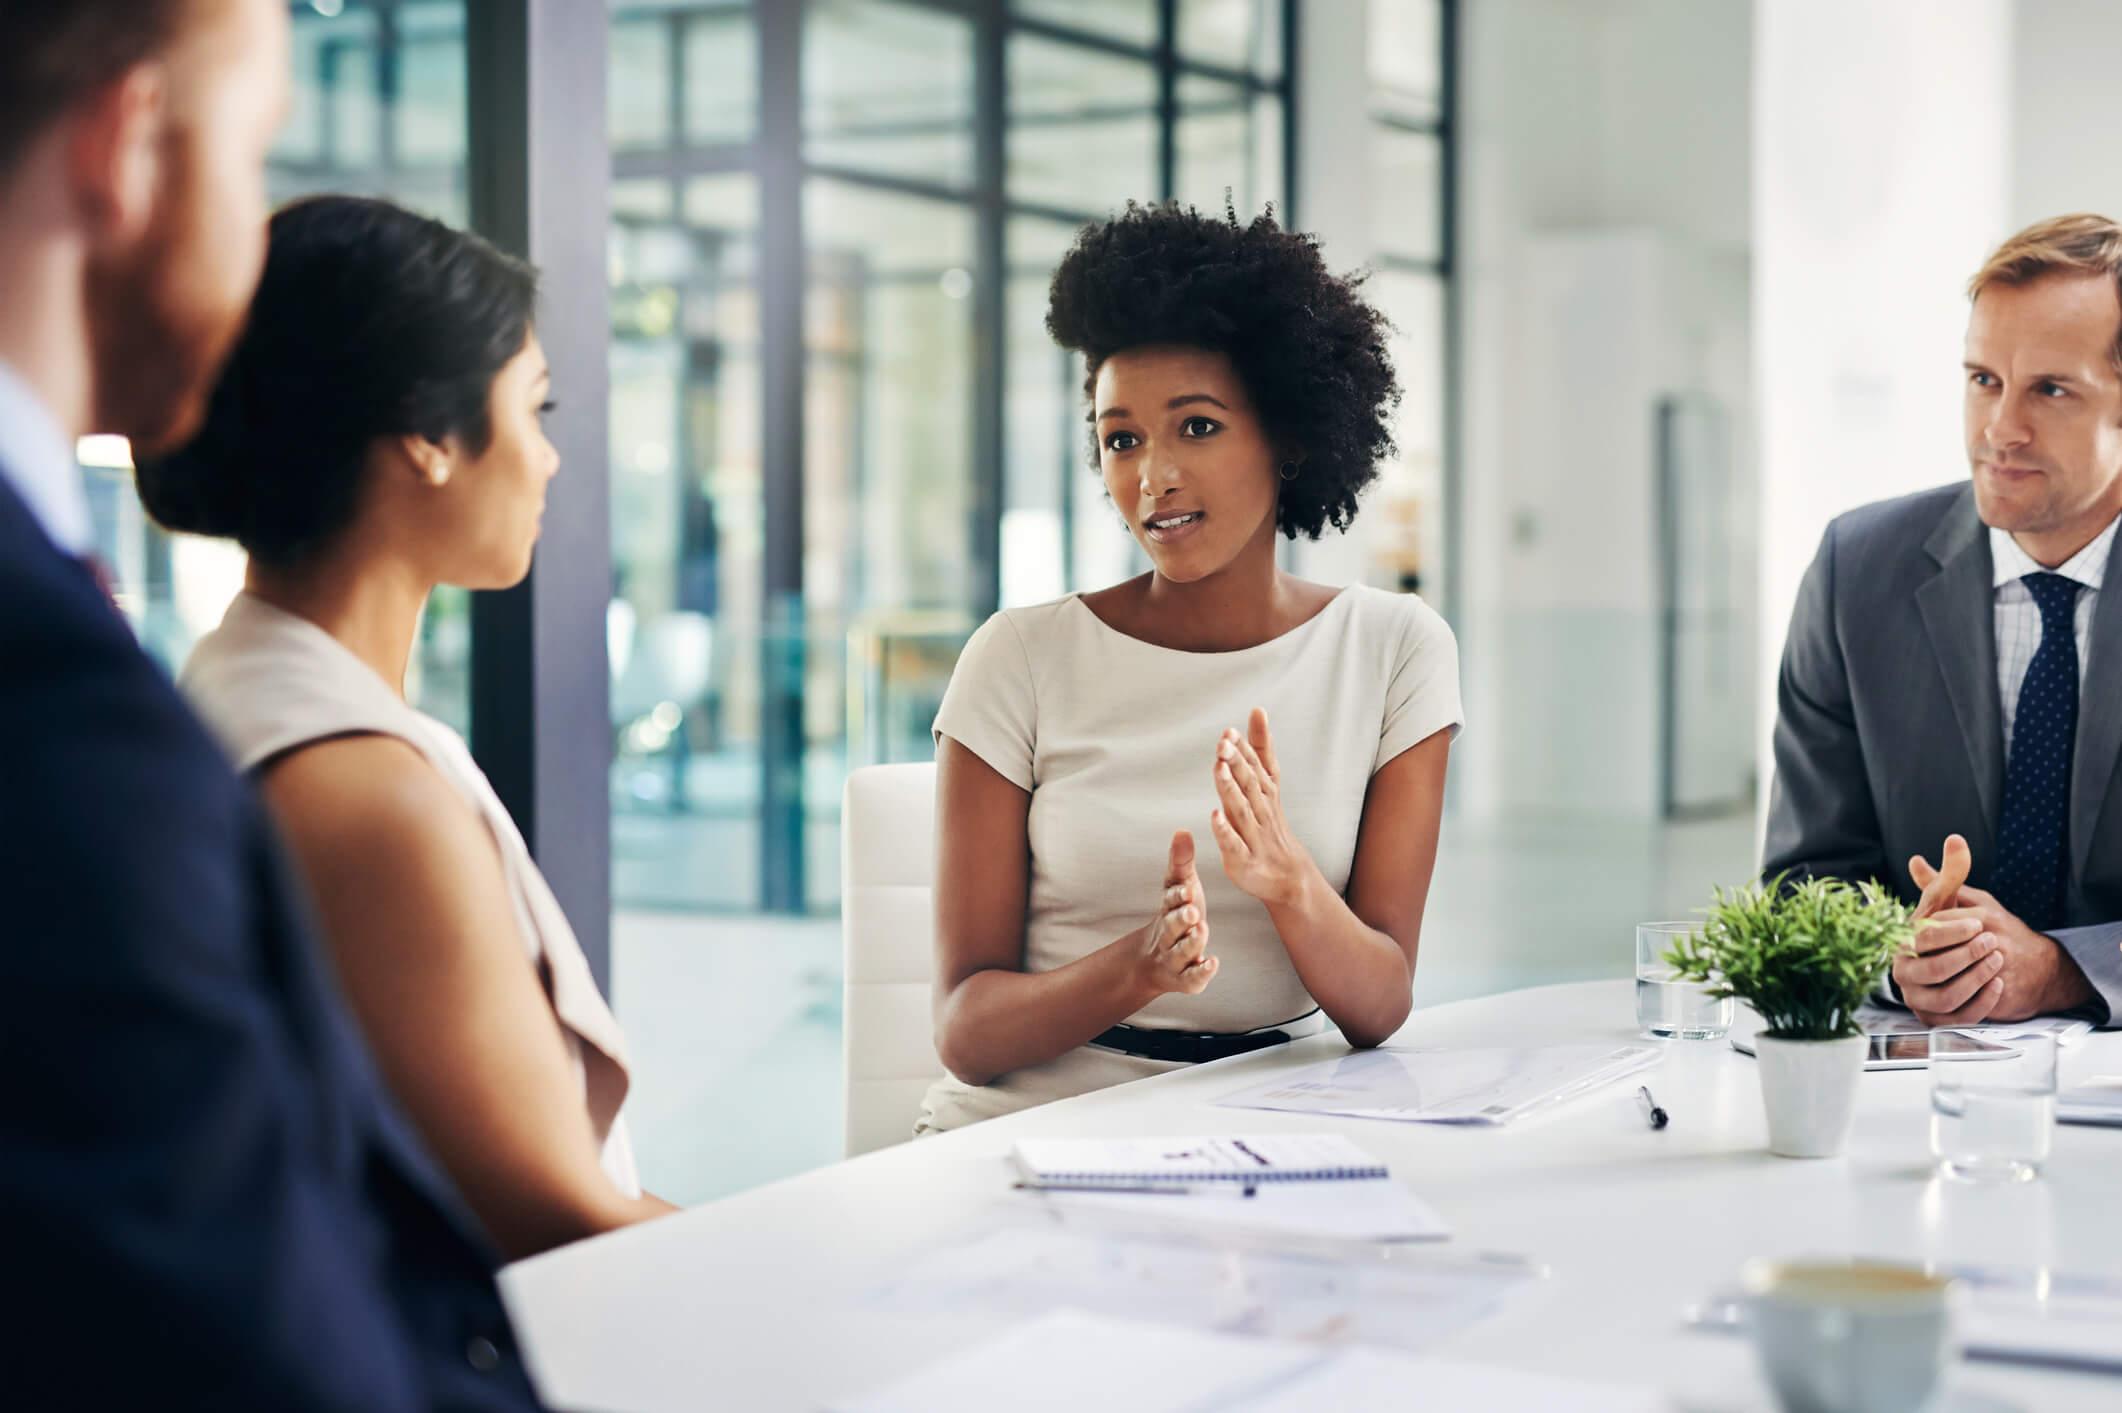 Você sabe quais são as 6 habilidades socioemocionais que são desejáveis para um bom desempenho?